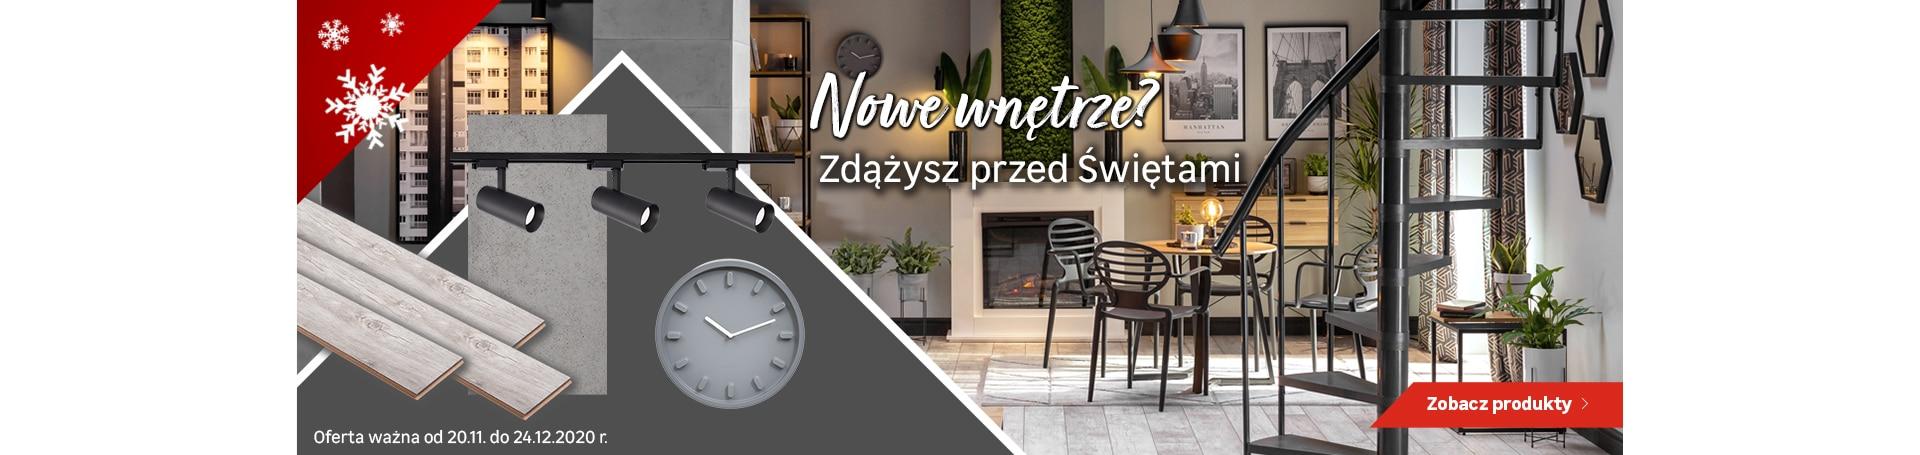 ds-nowe-wnetrze-na-swieta-20.11.24.12.2020-1323x455